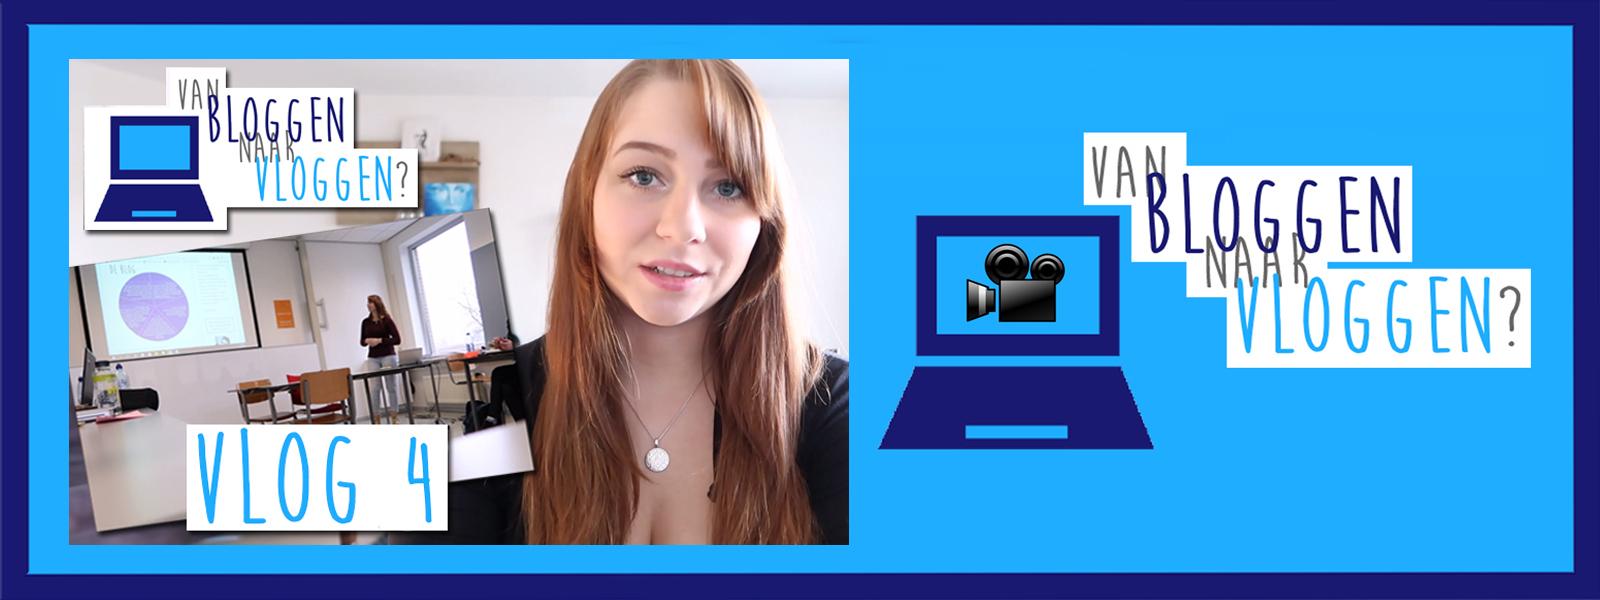 Van Bloggen Naar Vloggen Vlog 4 KMP